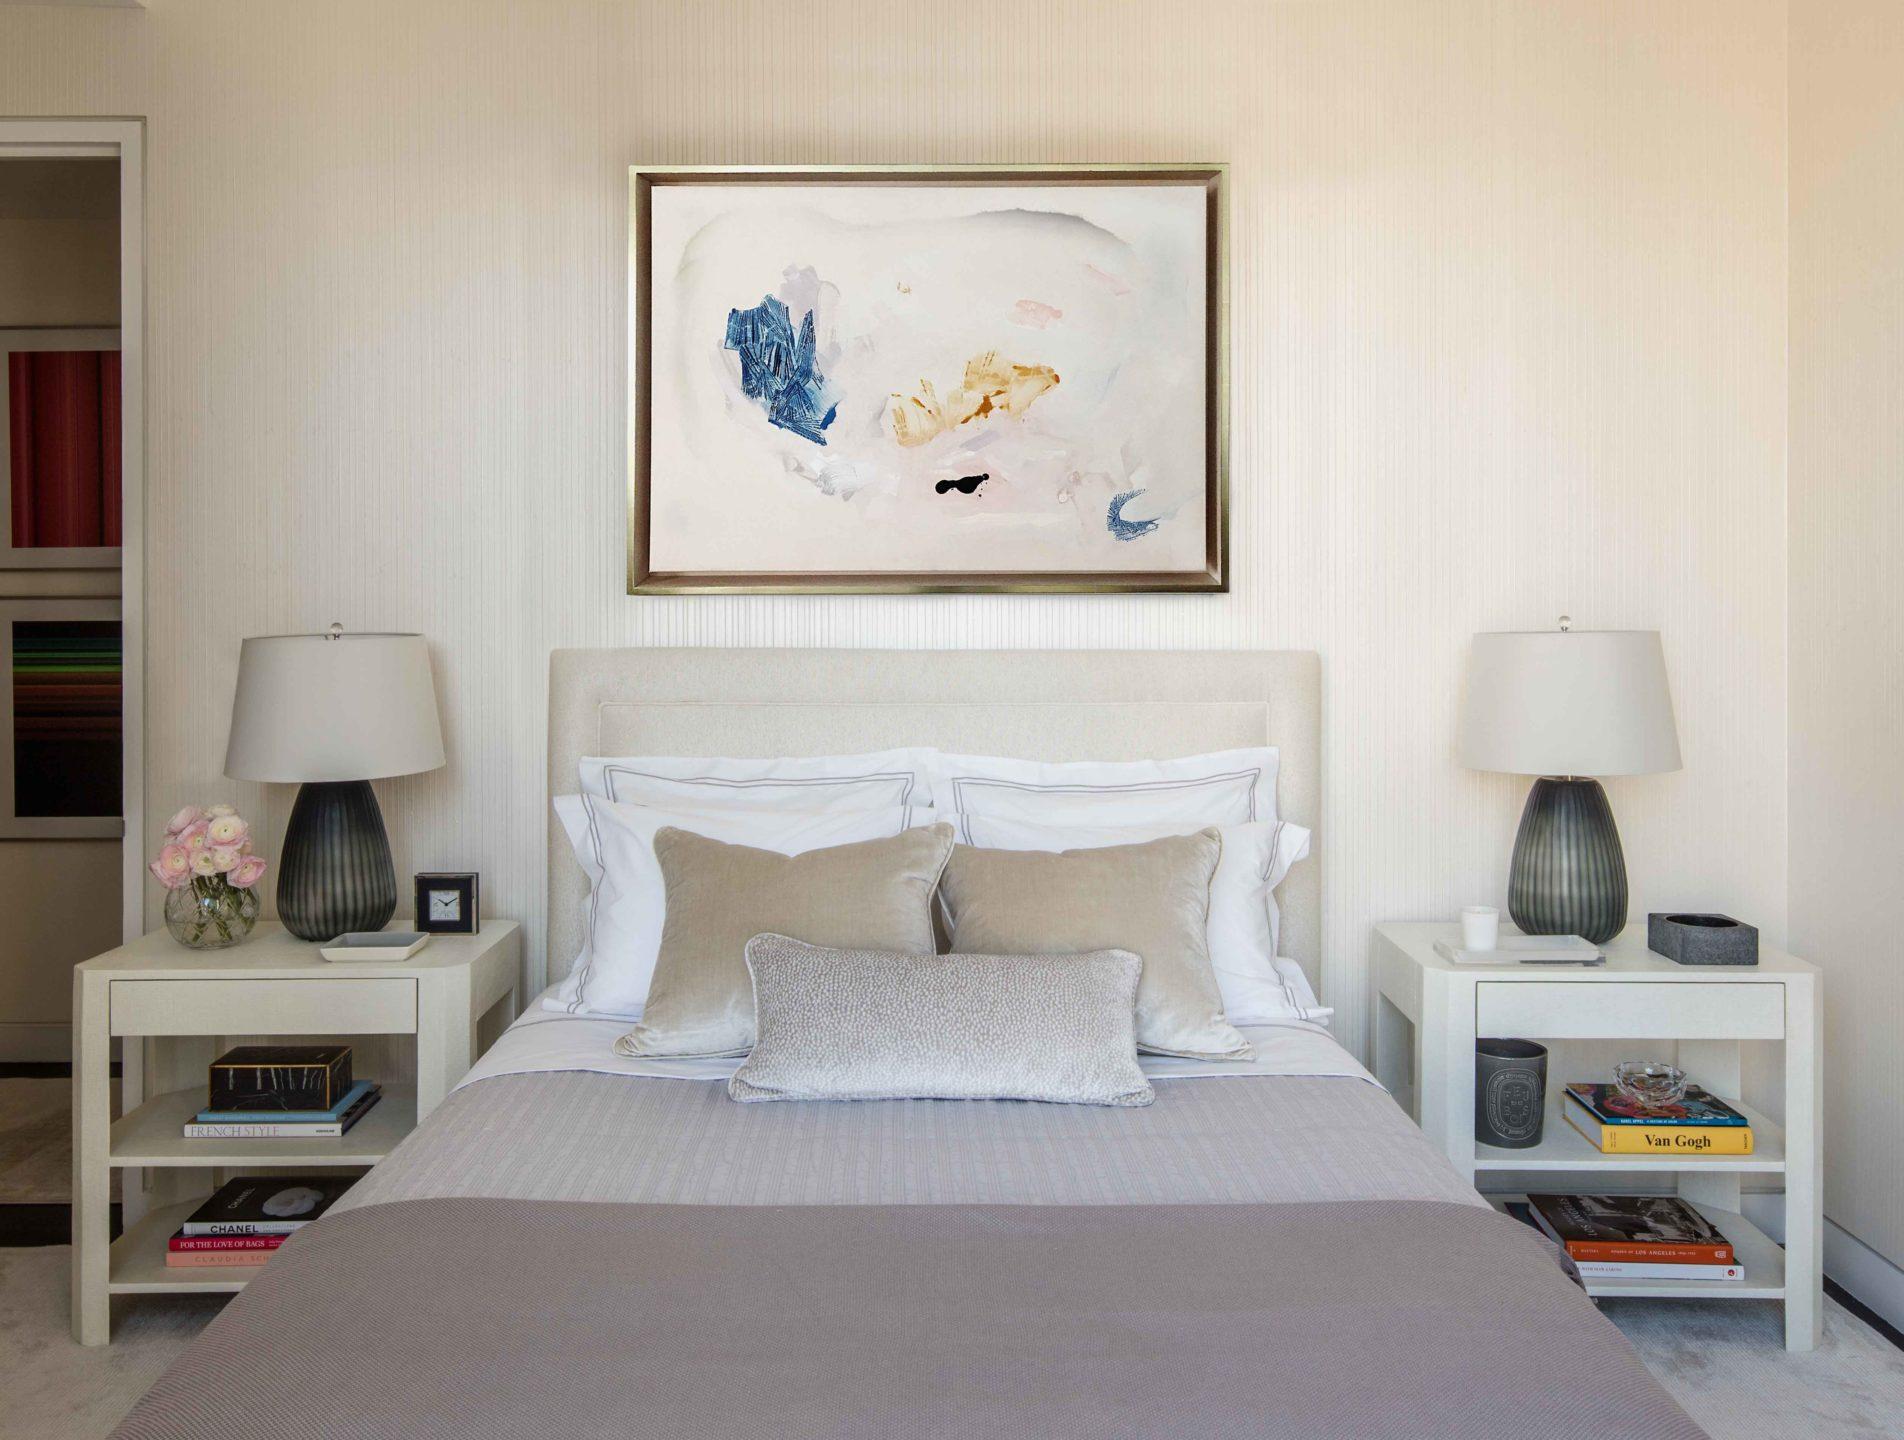 bacarat-bedroom-nicole-fuller-5